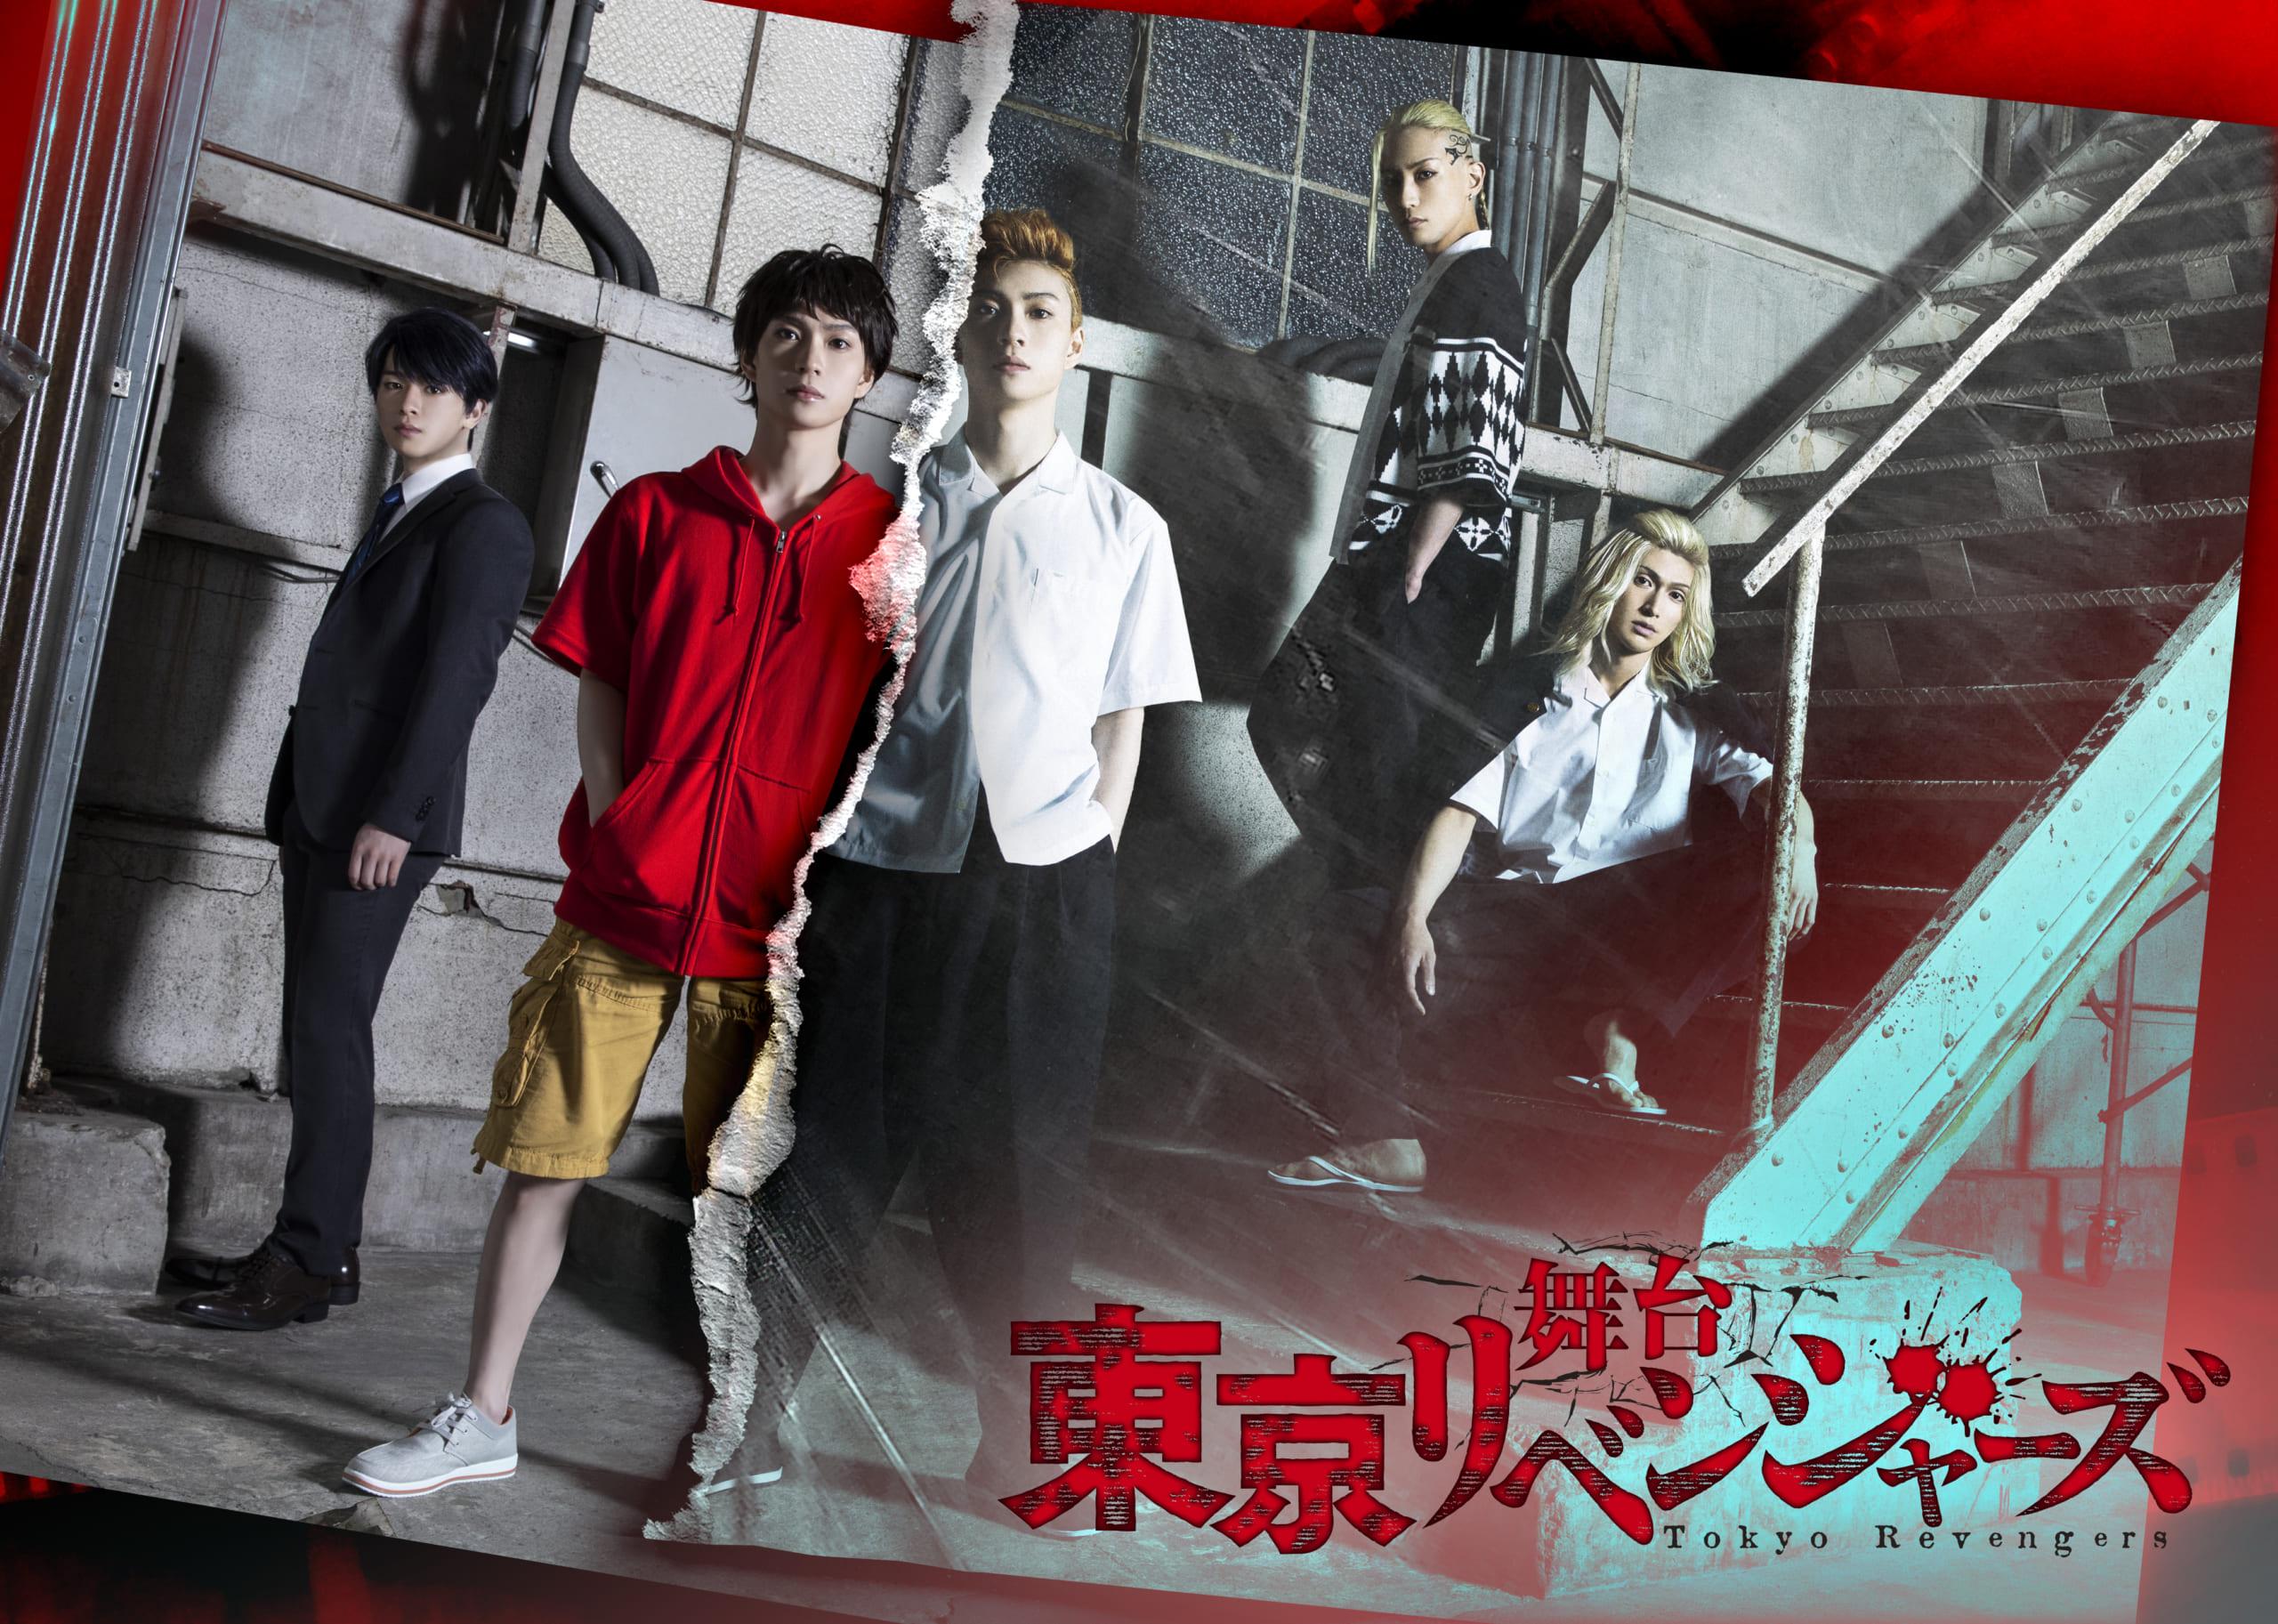 「東京リベンジャーズ」木津つばささん主演で舞台化!現代と過去が交錯するキービジュ最高